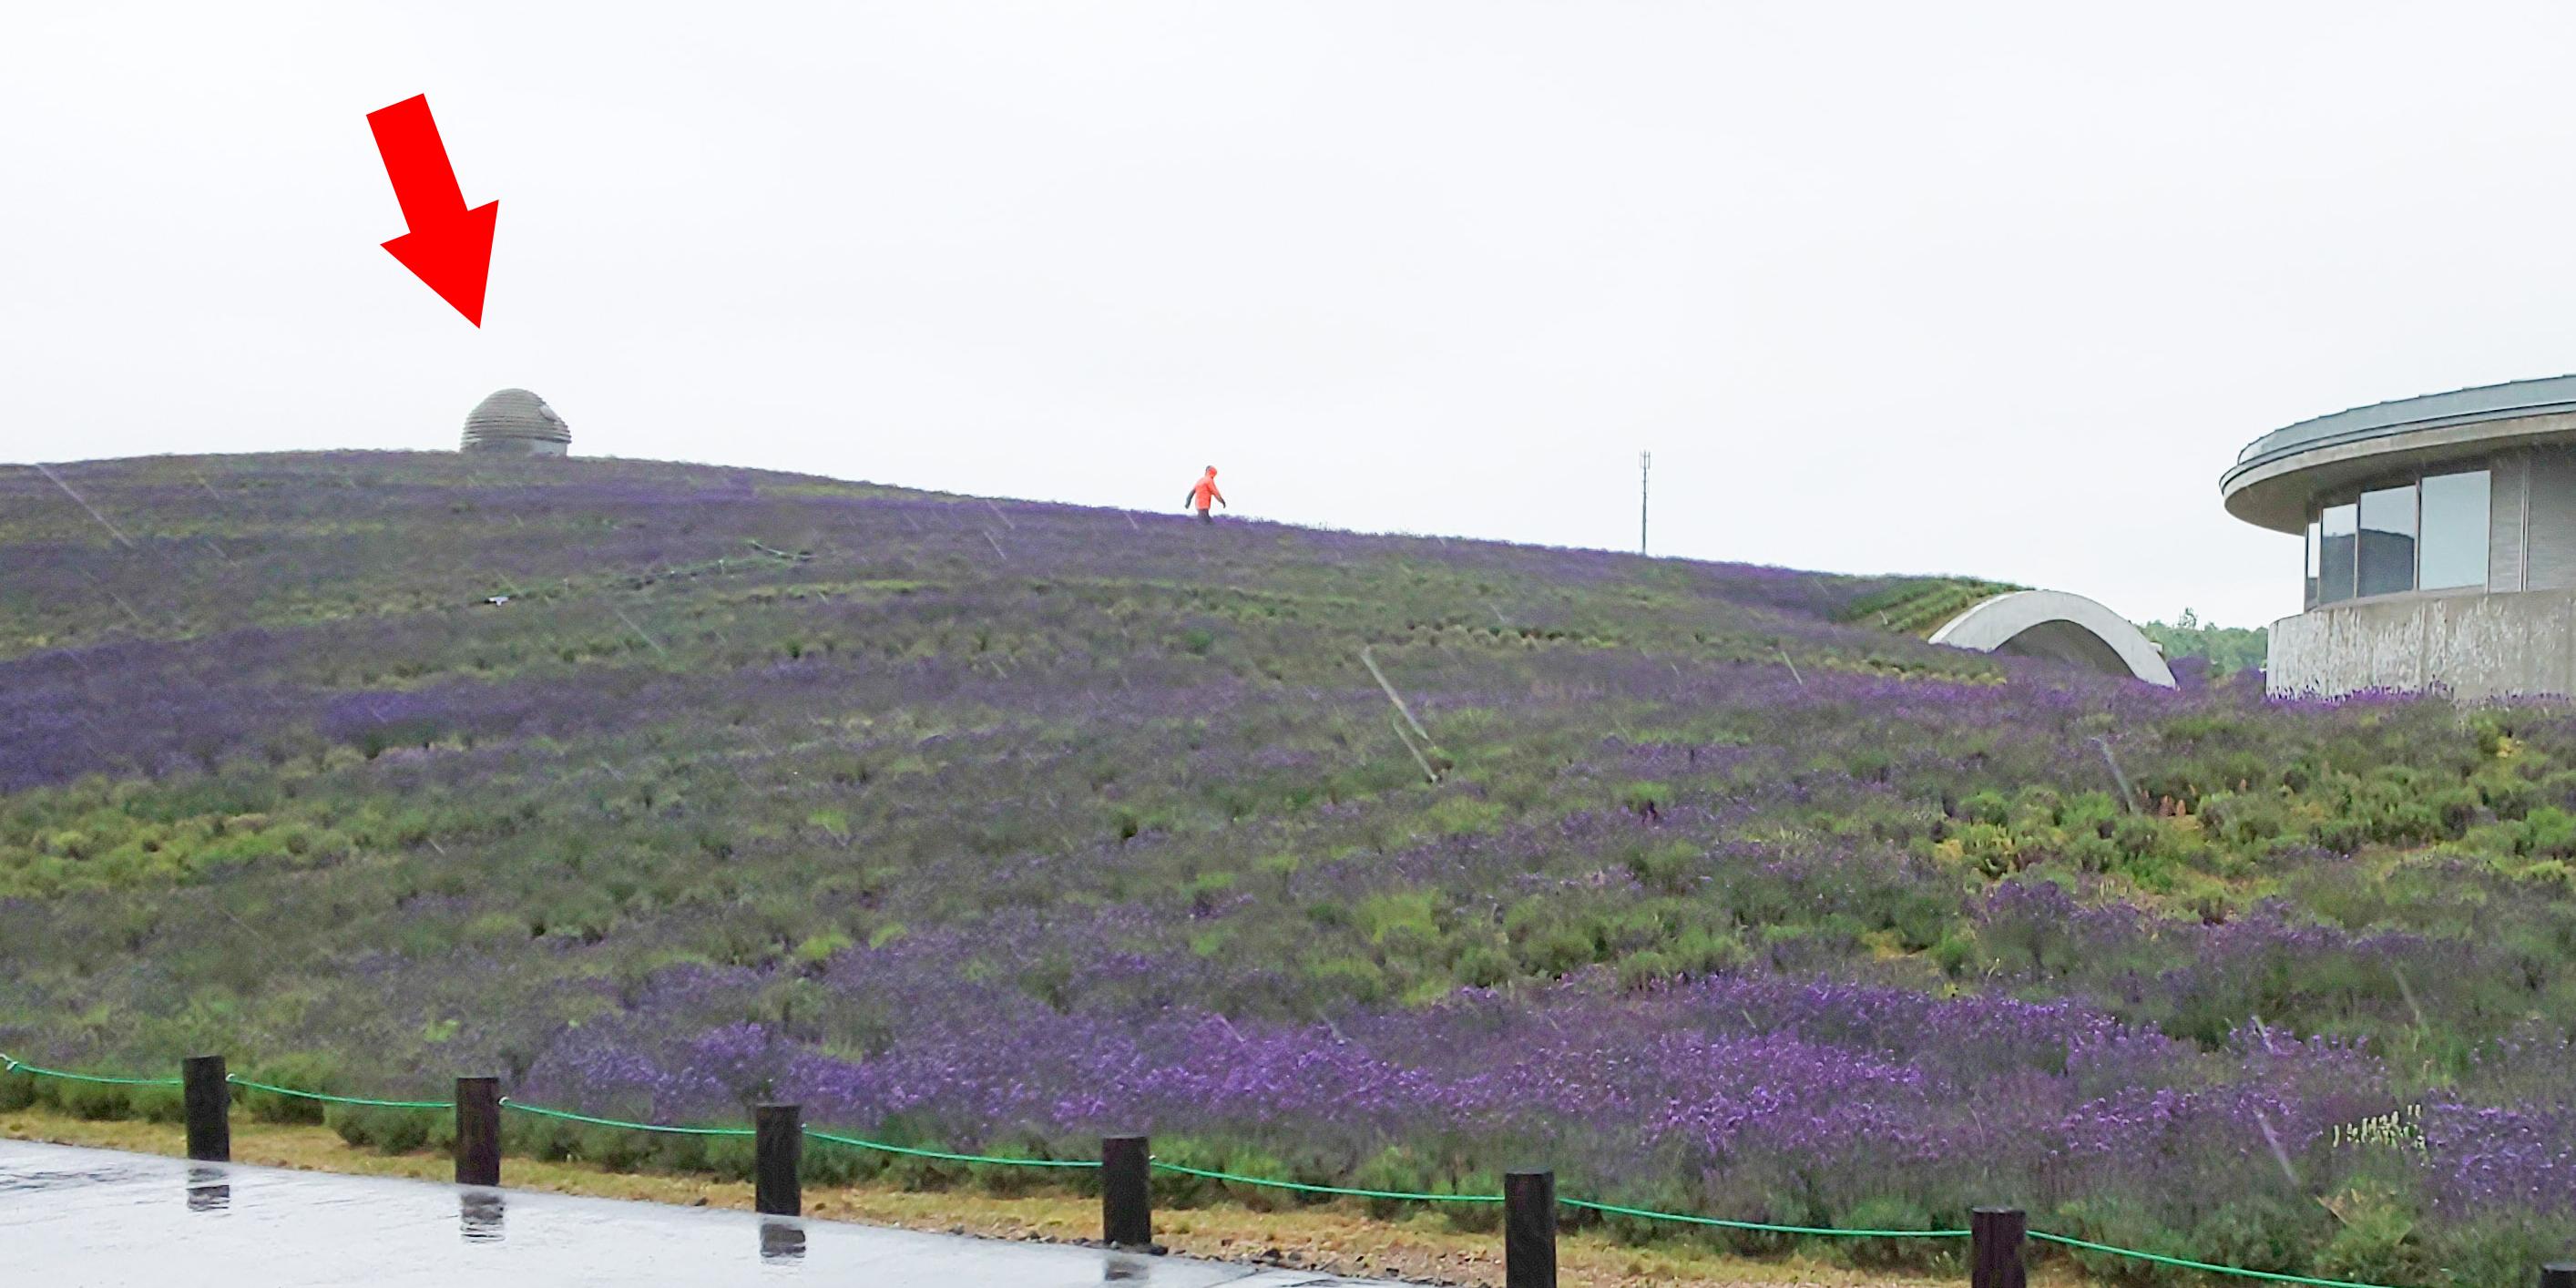 ラベンダーの丘にちょこっと顔を出す頭大仏殿(北海道札幌市南区)【連載:アキラの着目】